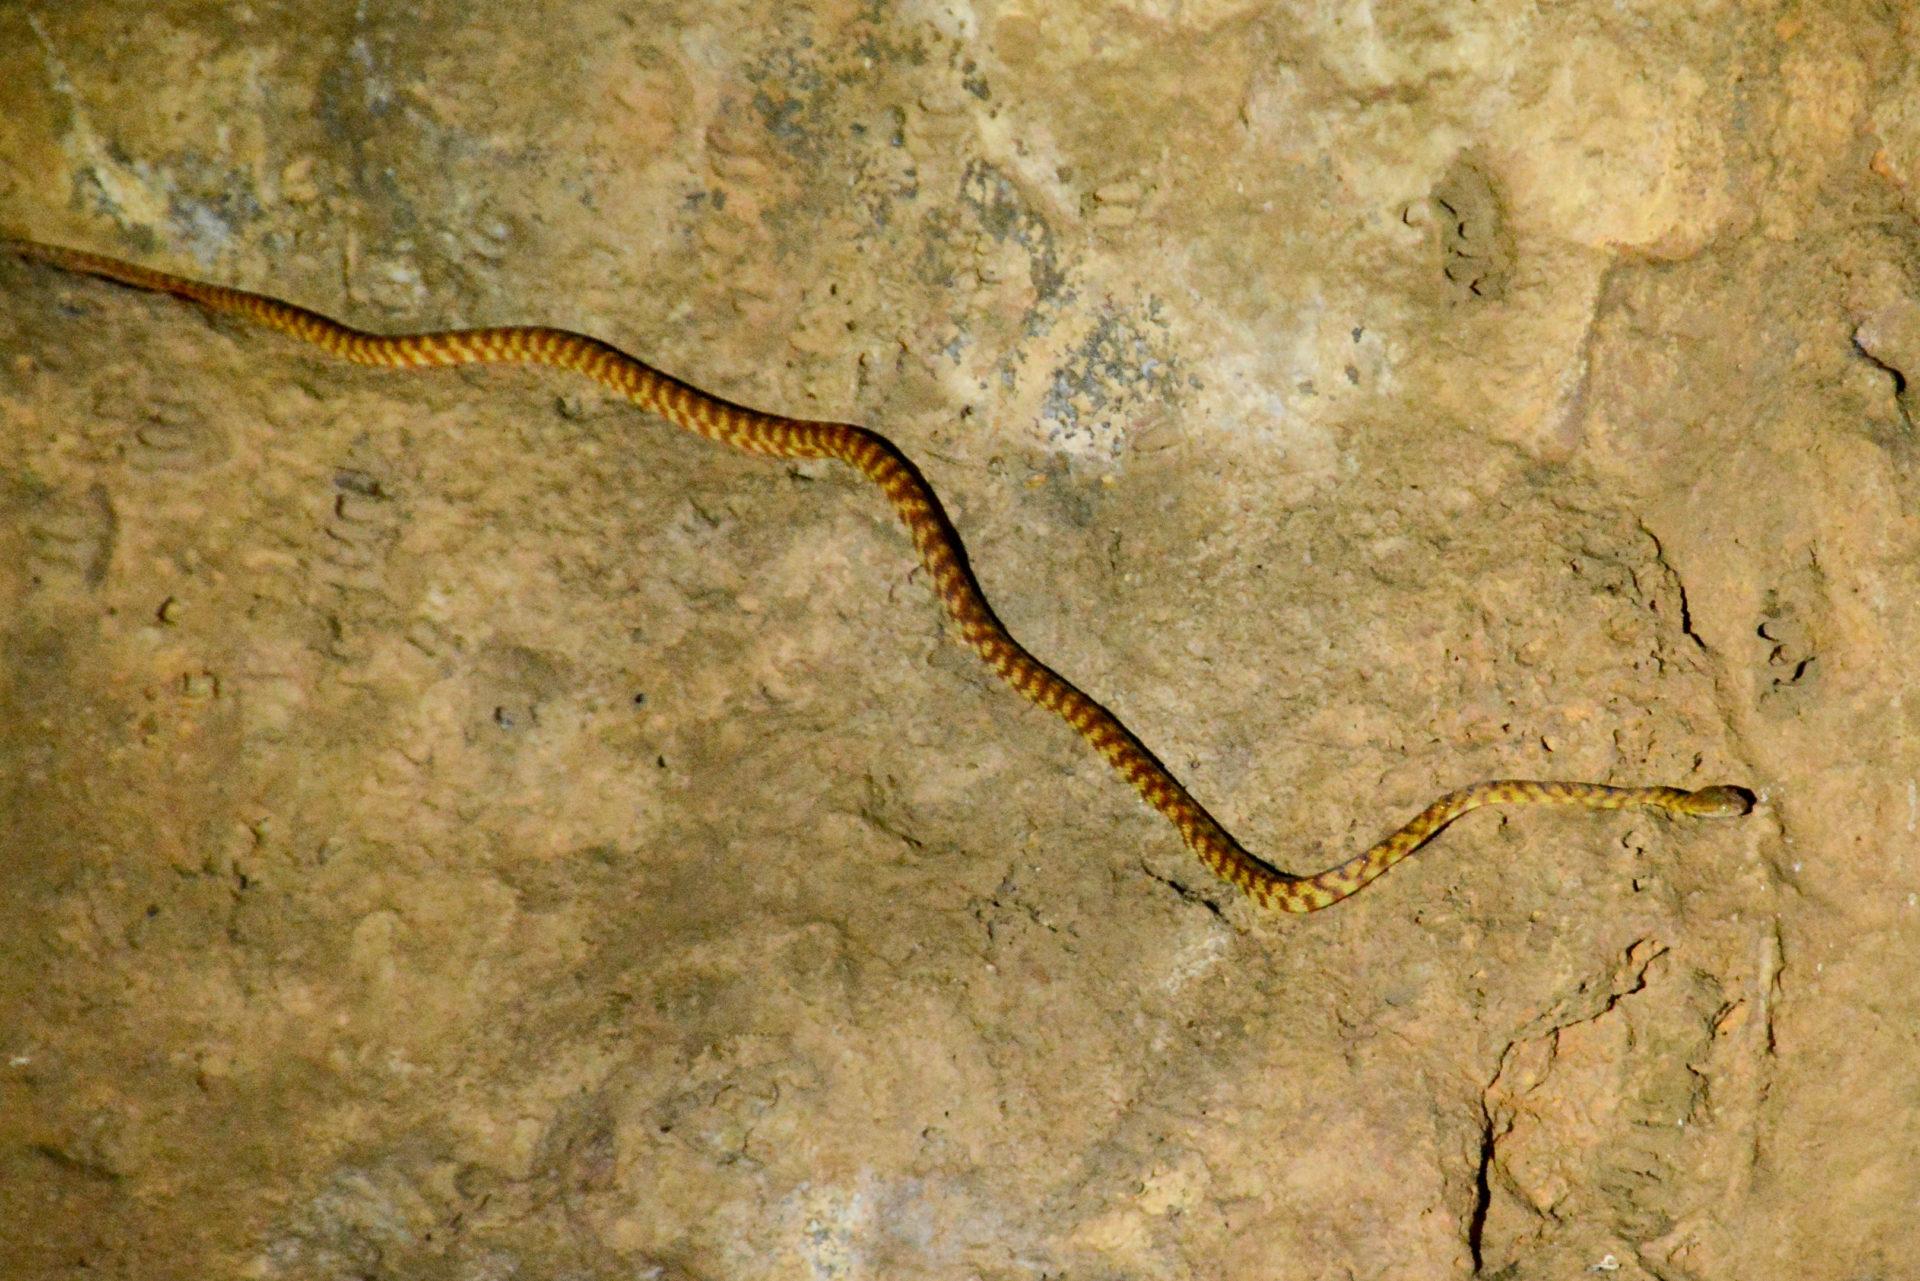 Baumschlange in einer Höhle in Queensland